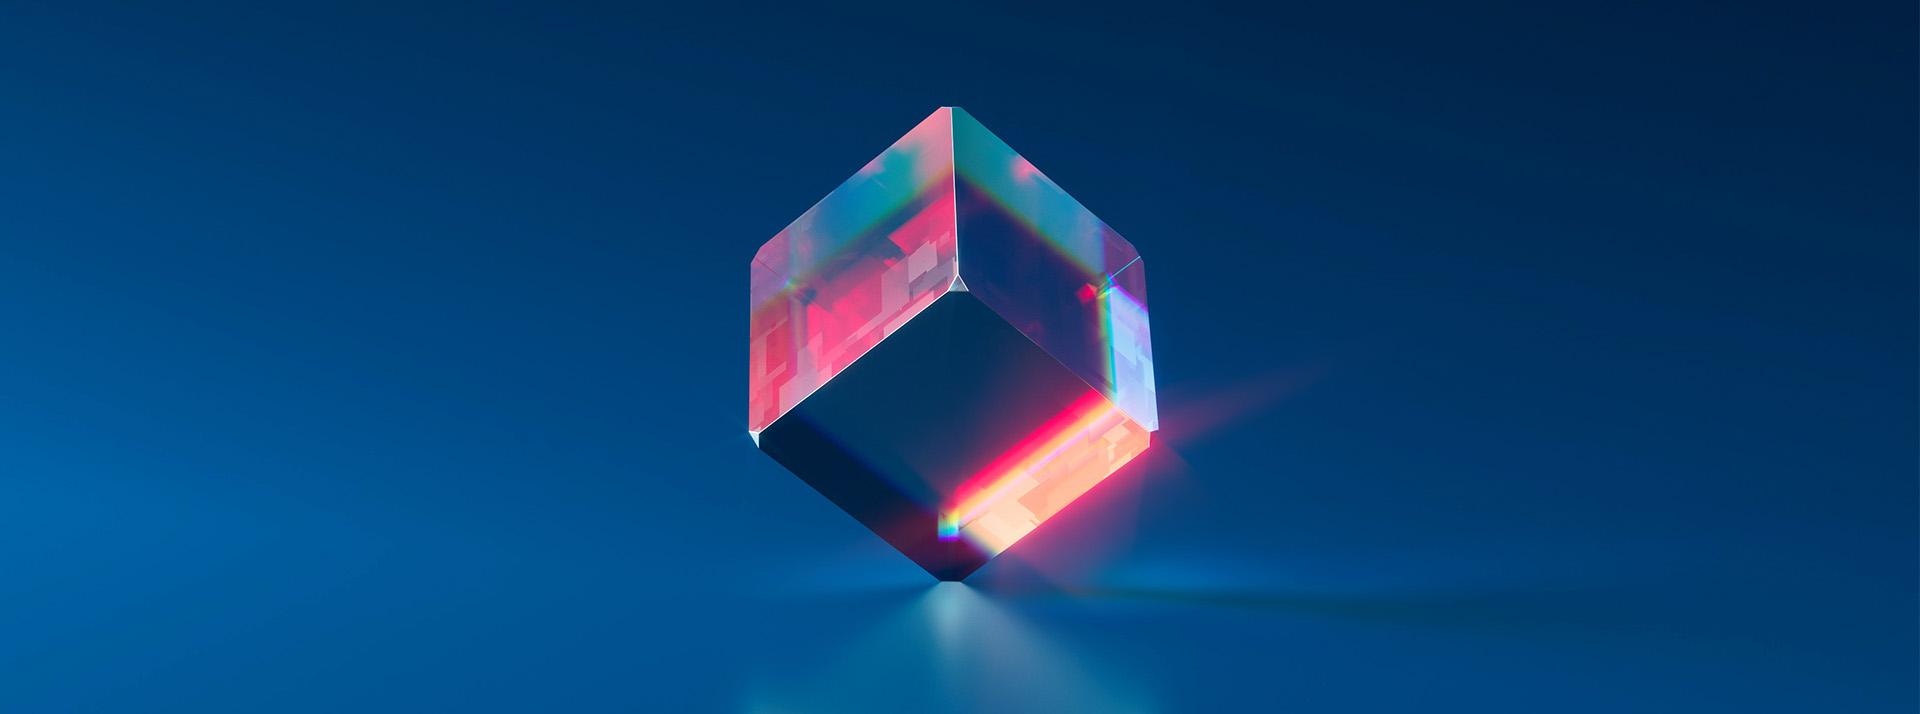 Dé transparent avec reflets colorés